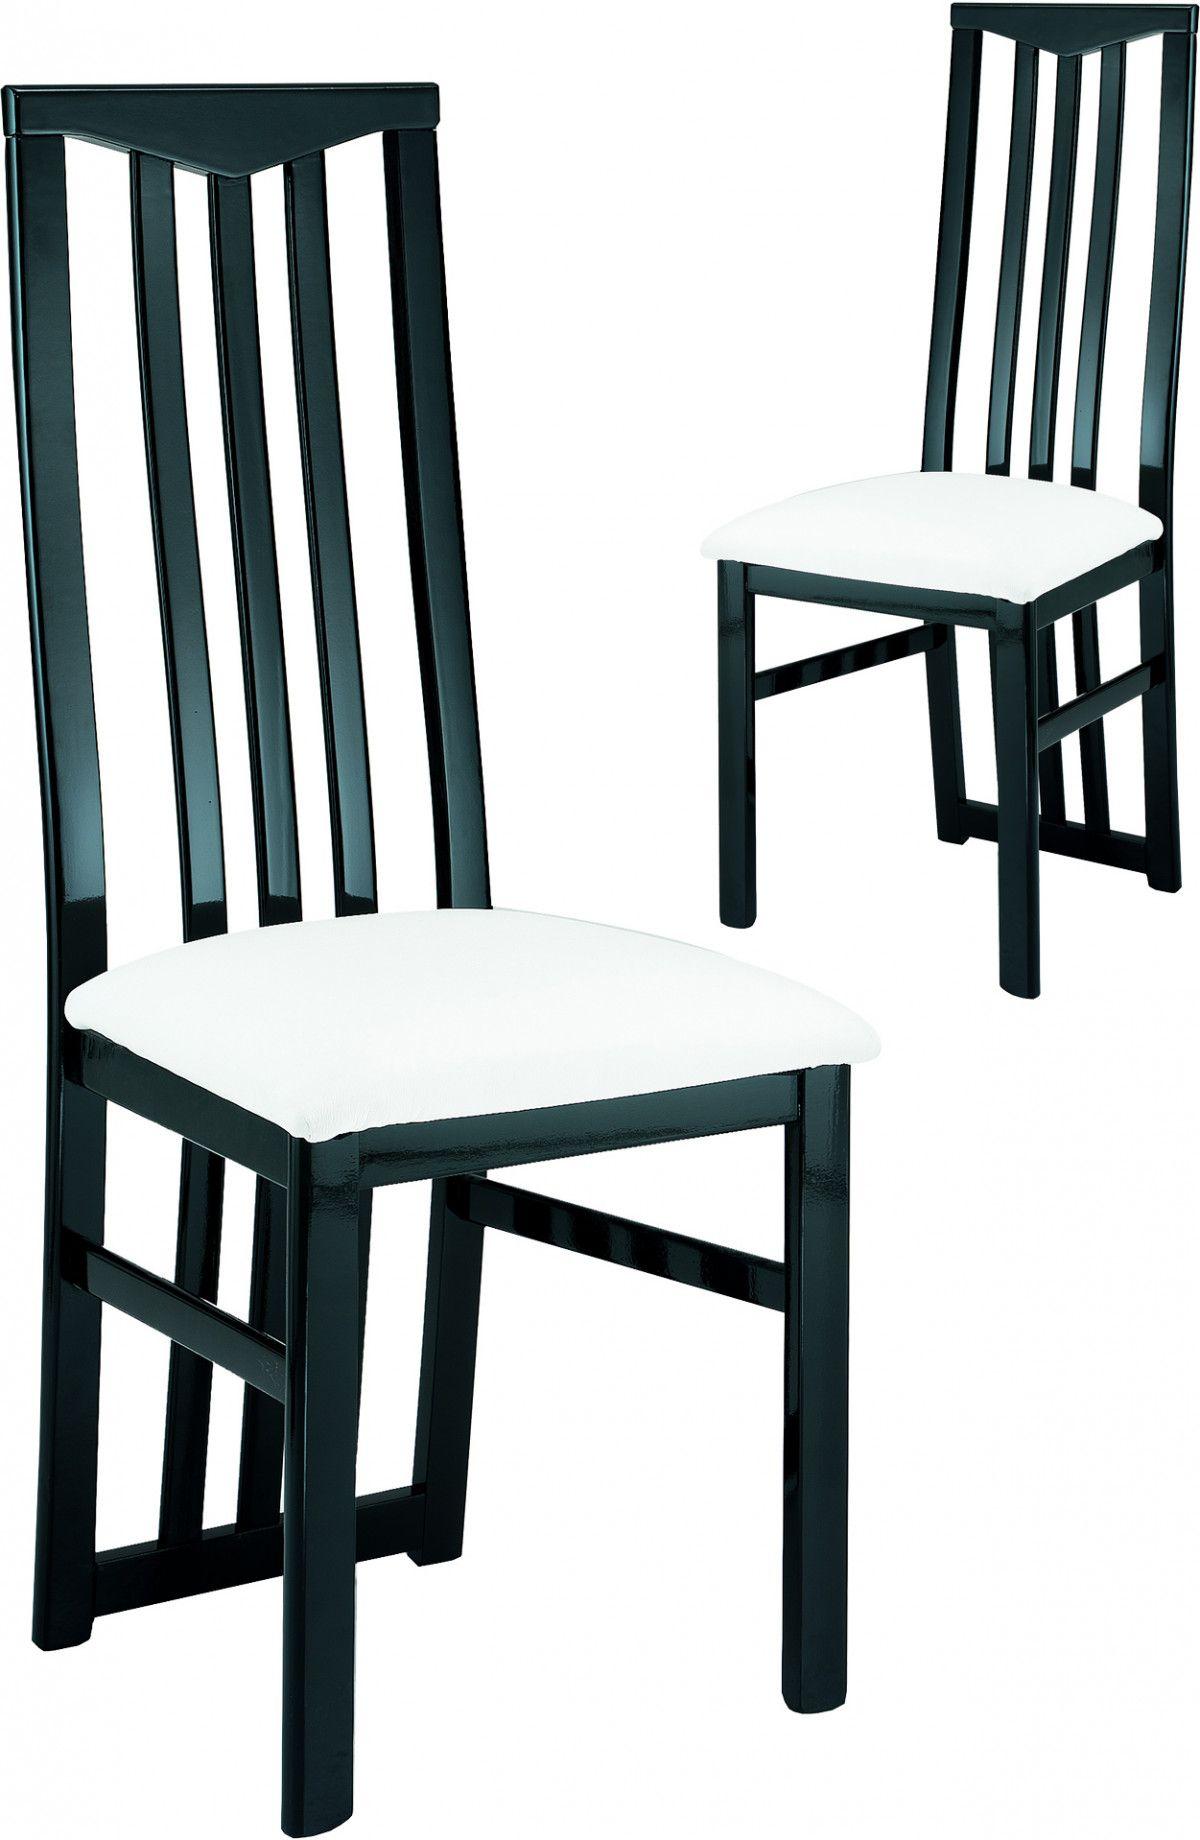 Lot De 2 Chaises Noires Et Blanches Ultra Design Salle A Manger Noire Et Blanche Chaise De Salle A Manger Chaise Noire